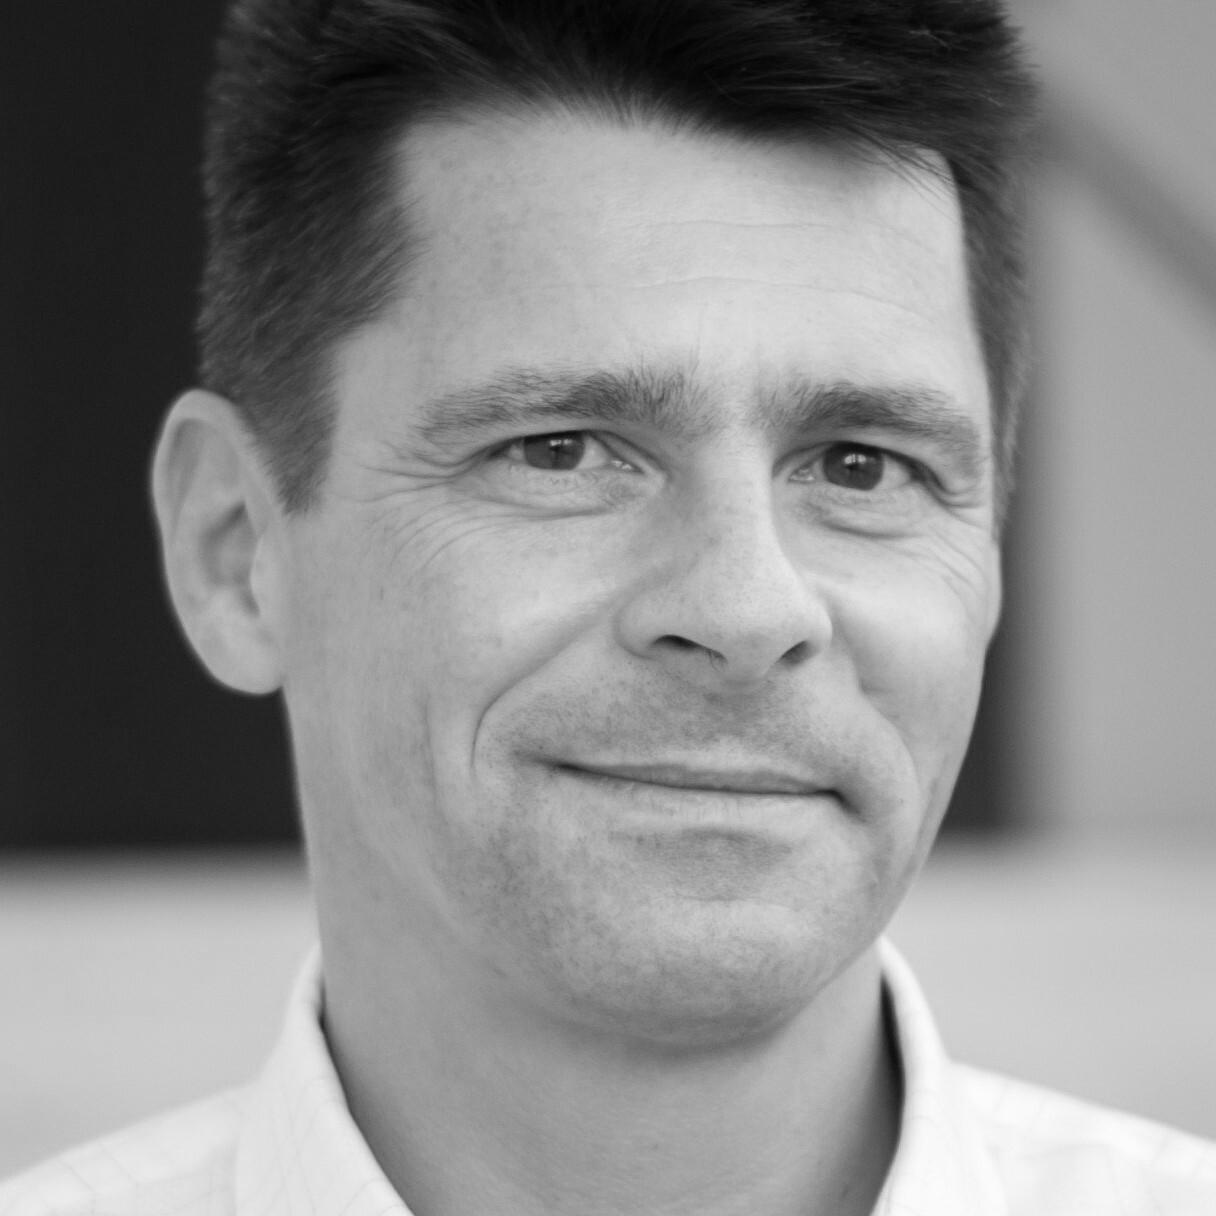 Stefan Jockusch